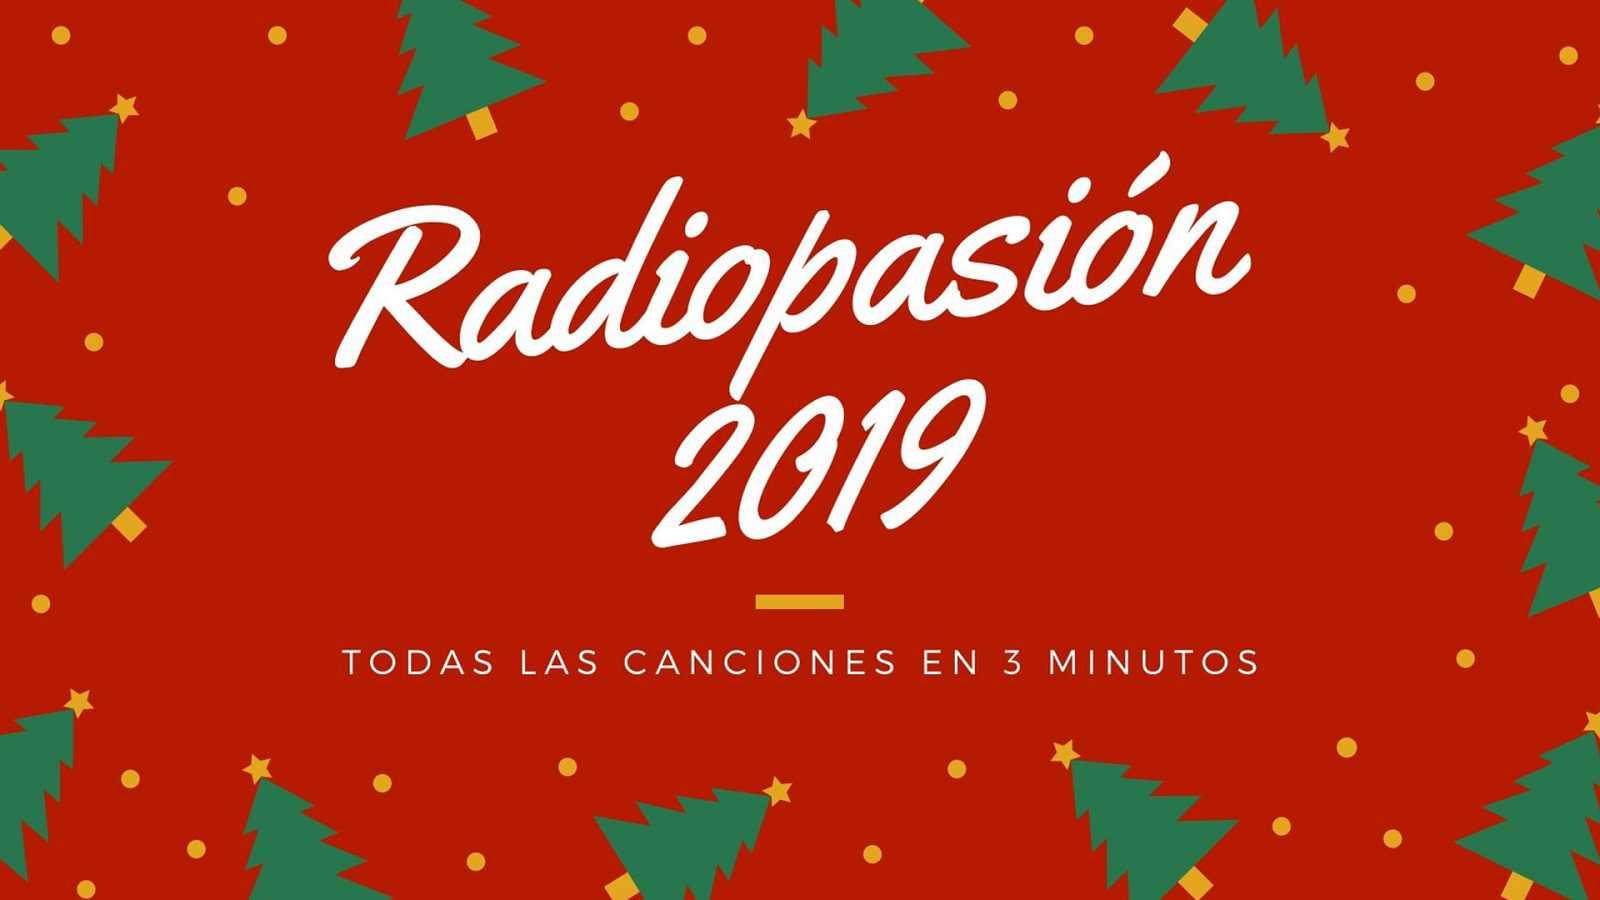 Radiopasión - Todas las canciones de 'Radiopasión 2019' en tres minutos - Ver ahora